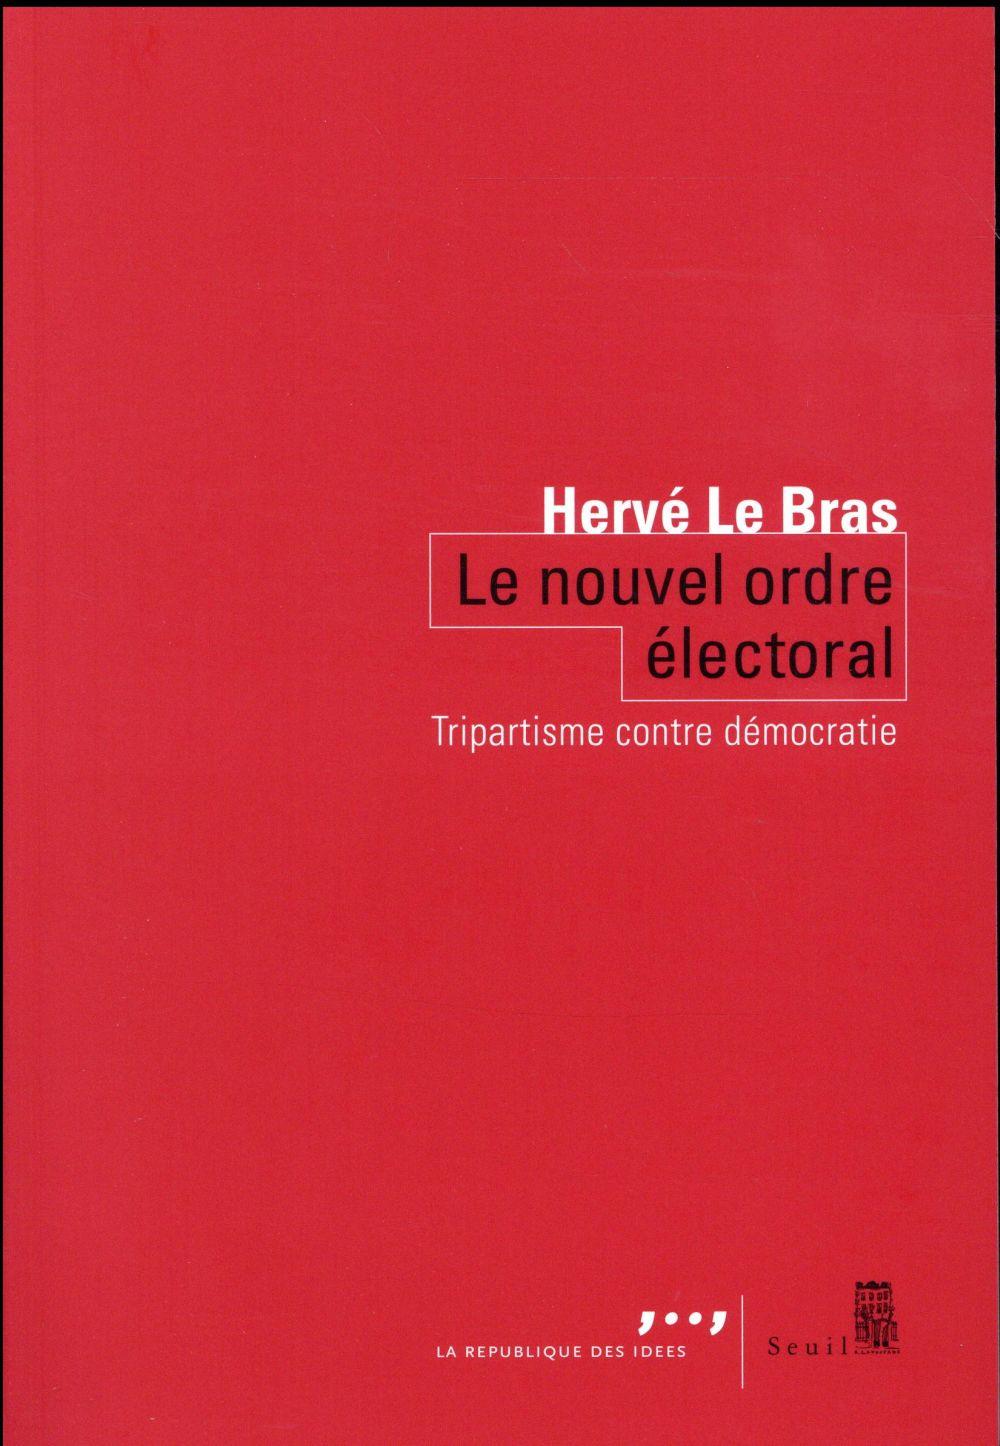 LE NOUVEL ORDRE ELECTORAL  -  A L'AGE DU TRIPARTISME